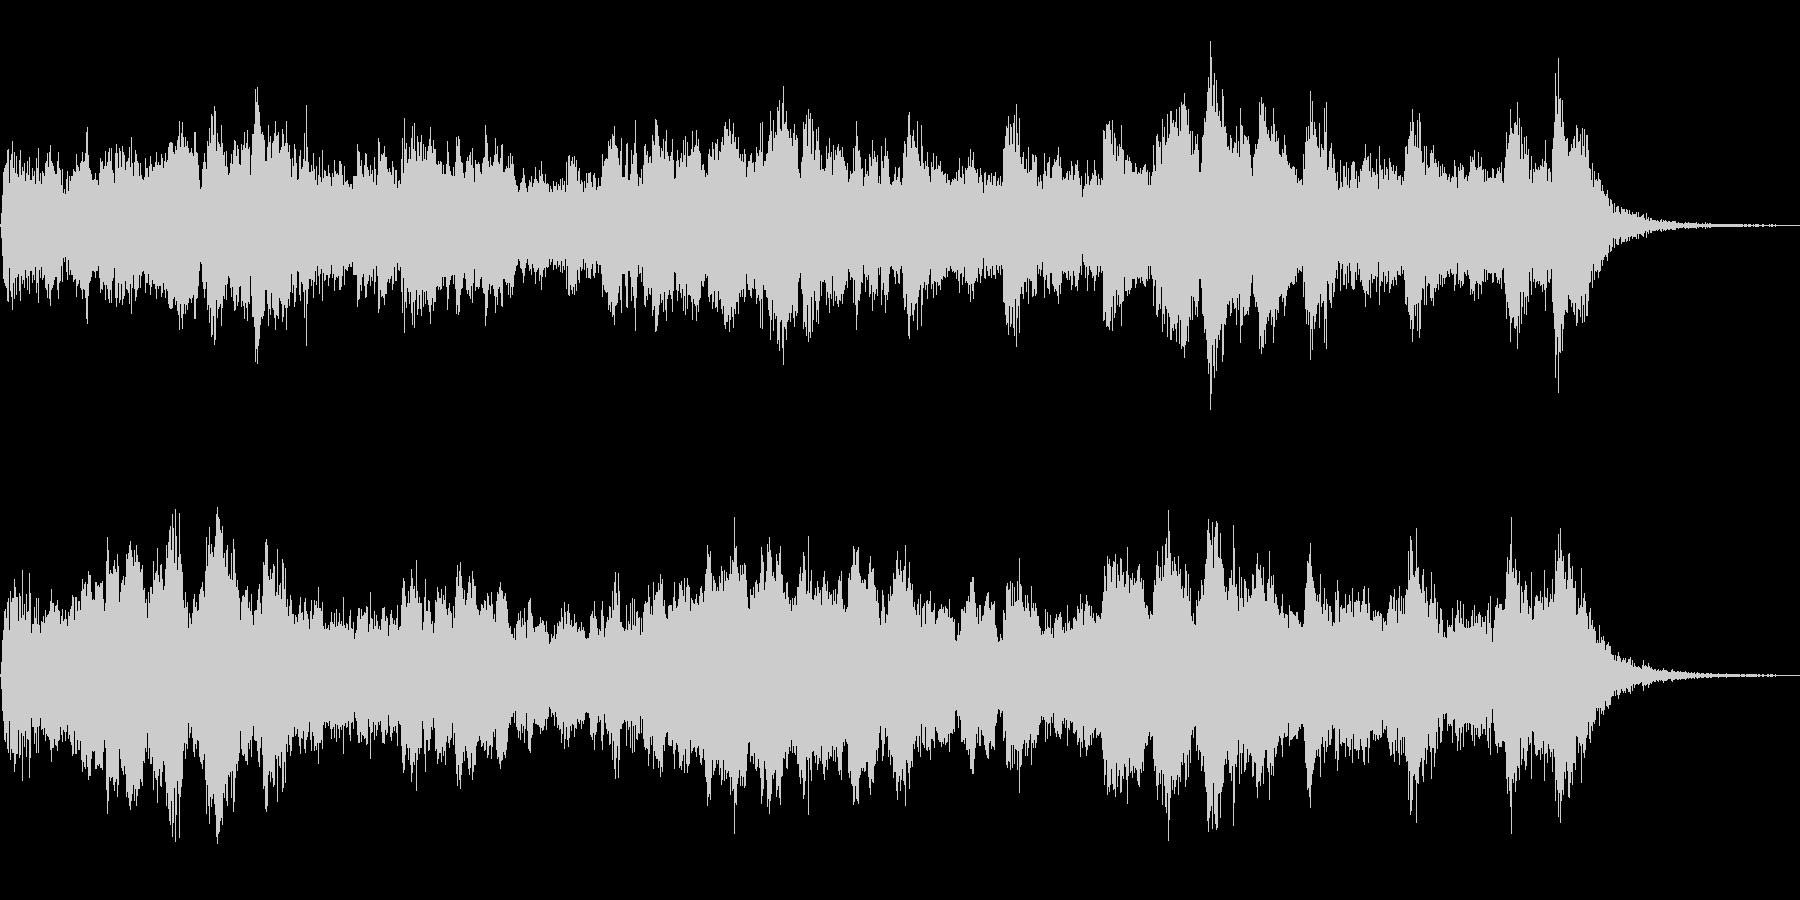 サスペンス系のオーケストラBGMの未再生の波形